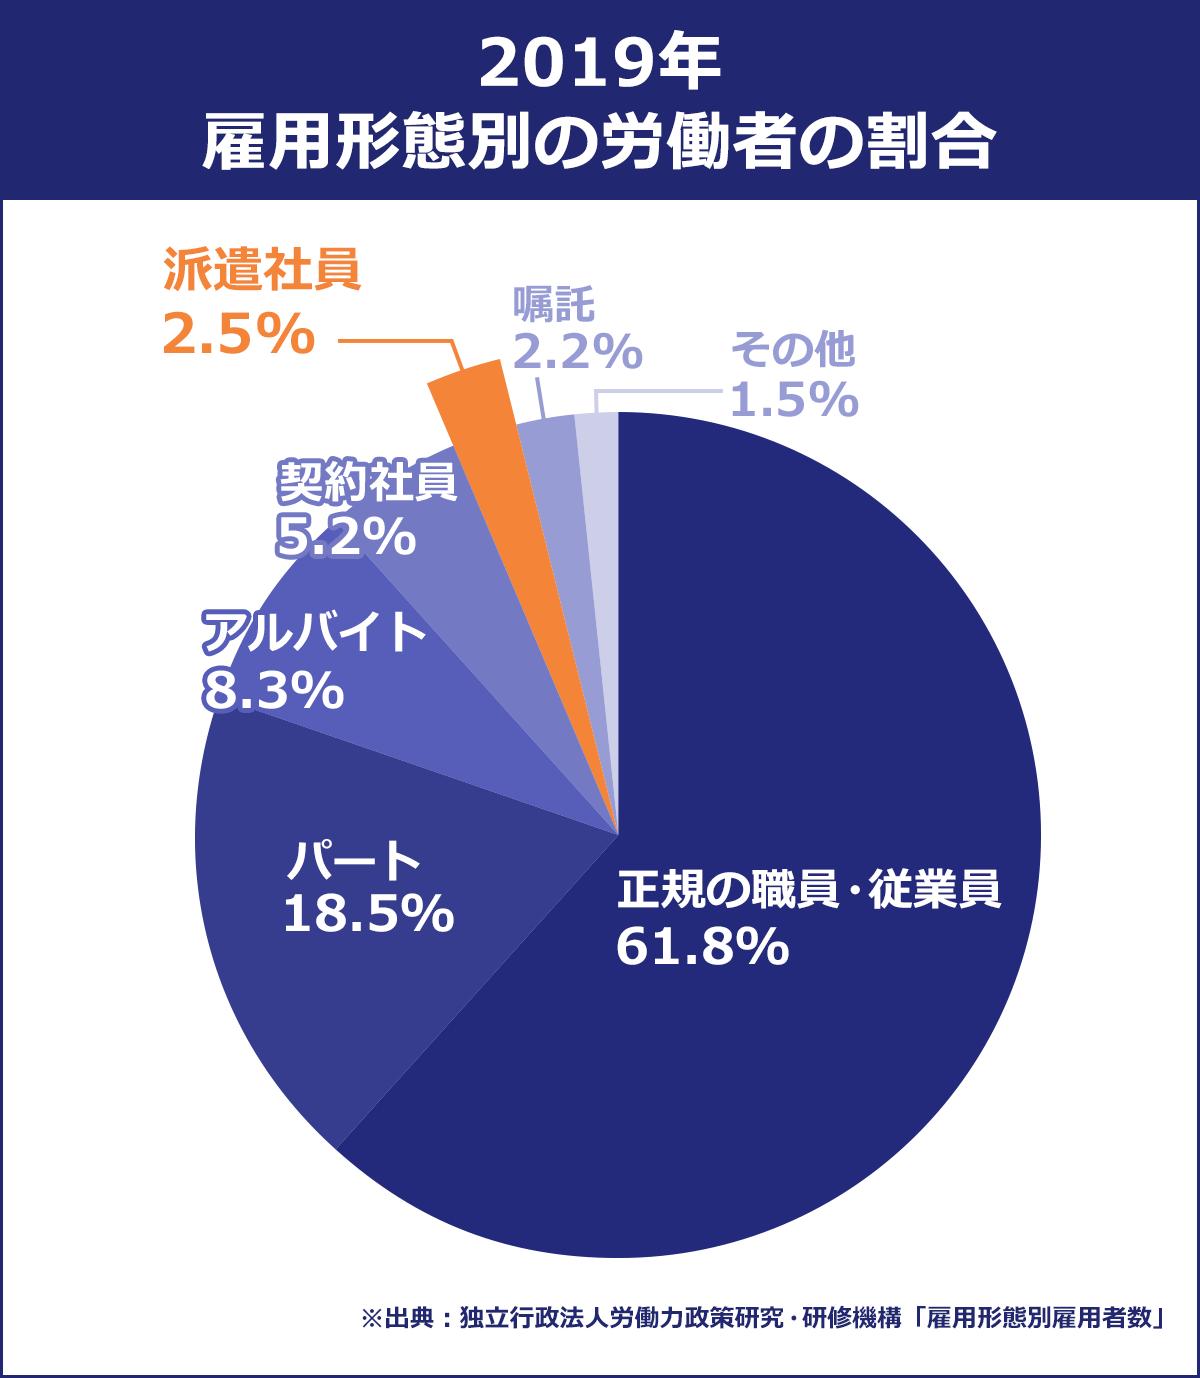 【2019年雇用形態別の労働者の割合】 正規の職員・従業員/61.8% |パート/18.5% |アルバイト/8.3% |契約社員/5.2% |派遣社員/2.5% |嘱託/2.2% |その他/1.5% |※出典:独立行政法人労働力政策研究・研修機構「雇用形態別雇用者数」